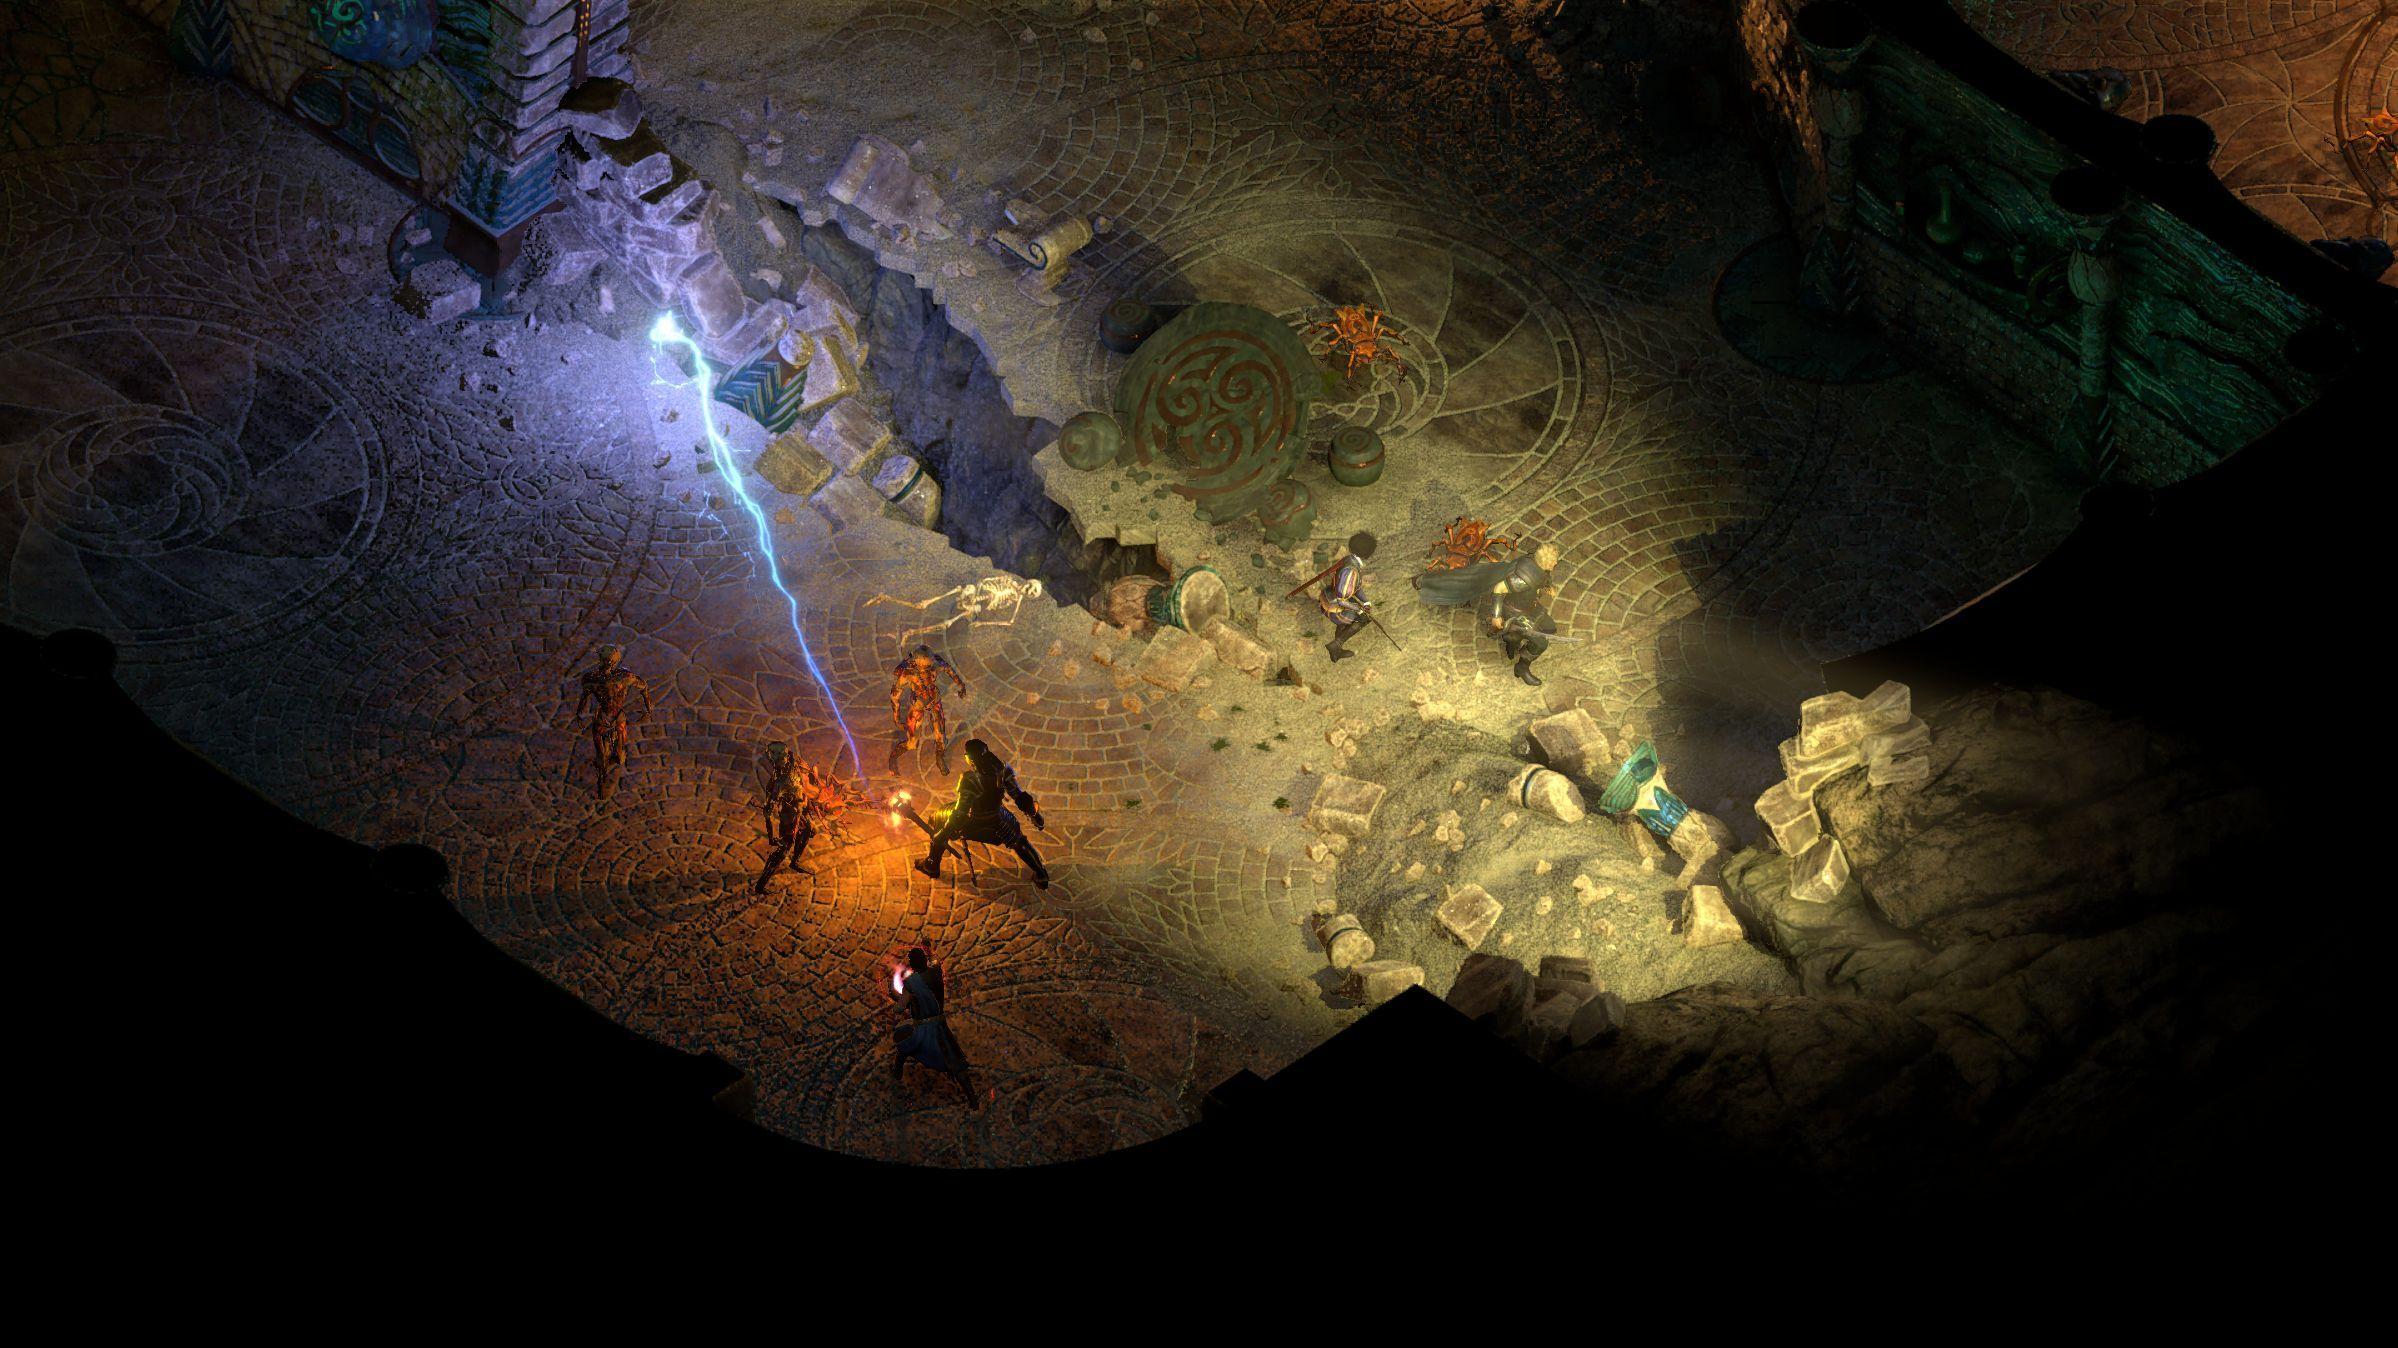 pillars deadifre dungeon fight